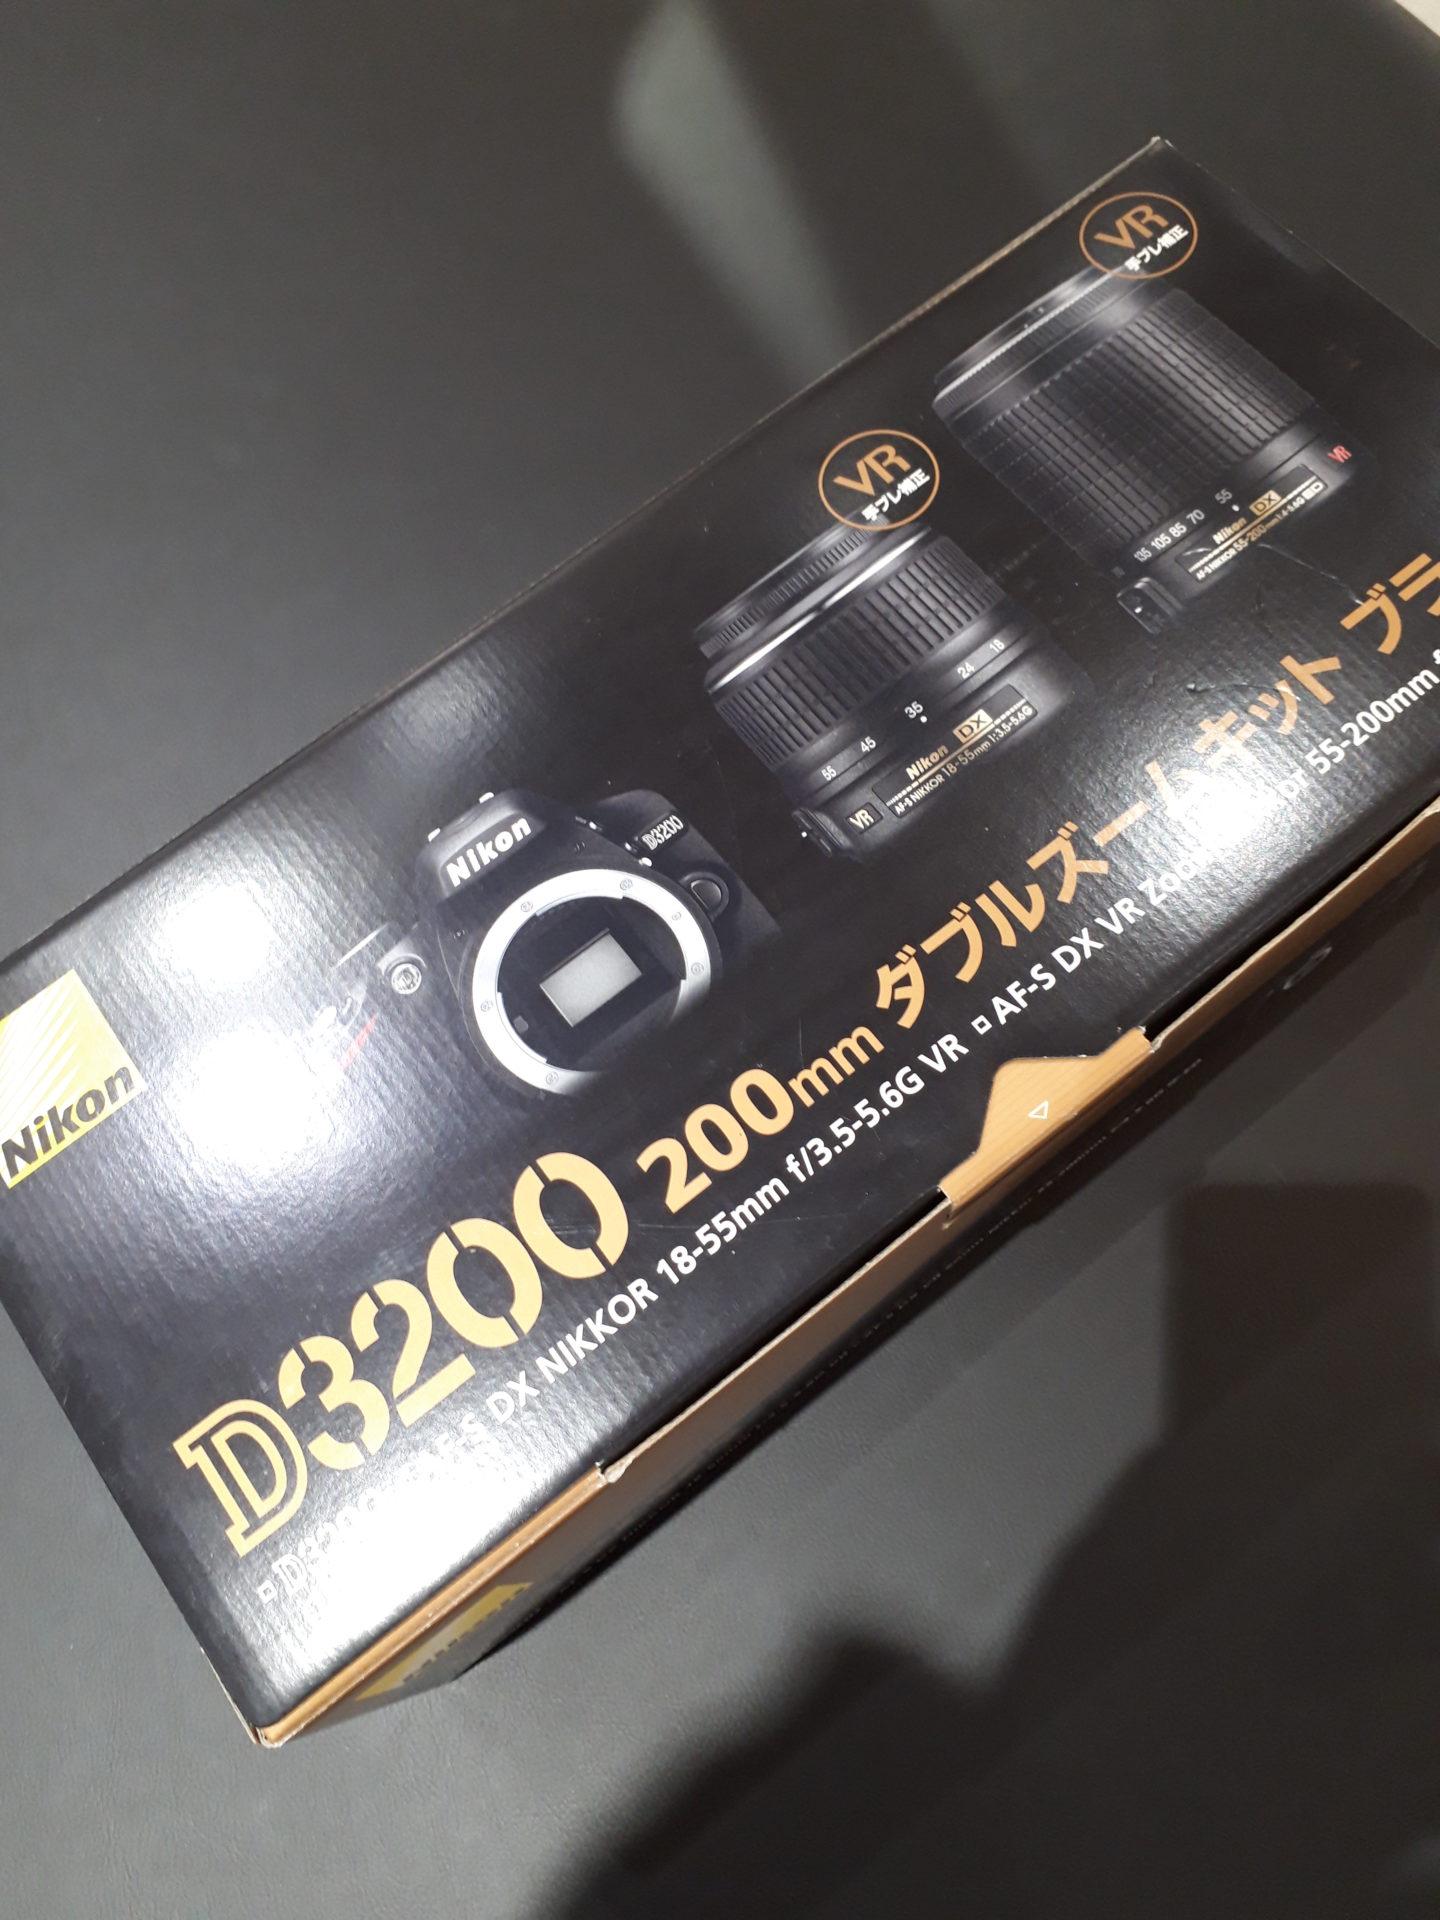 【Nikon D3200ダブルズームキット】を盛岡市のお客様より買取させていただきました!